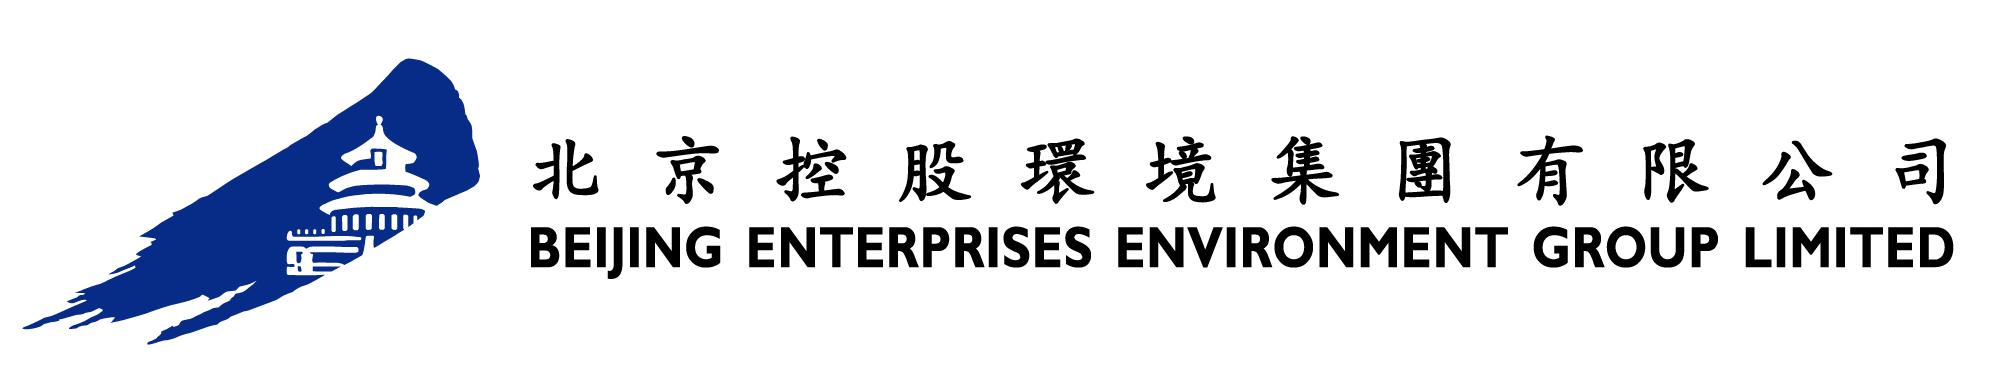 北京控股环境集团有限公司